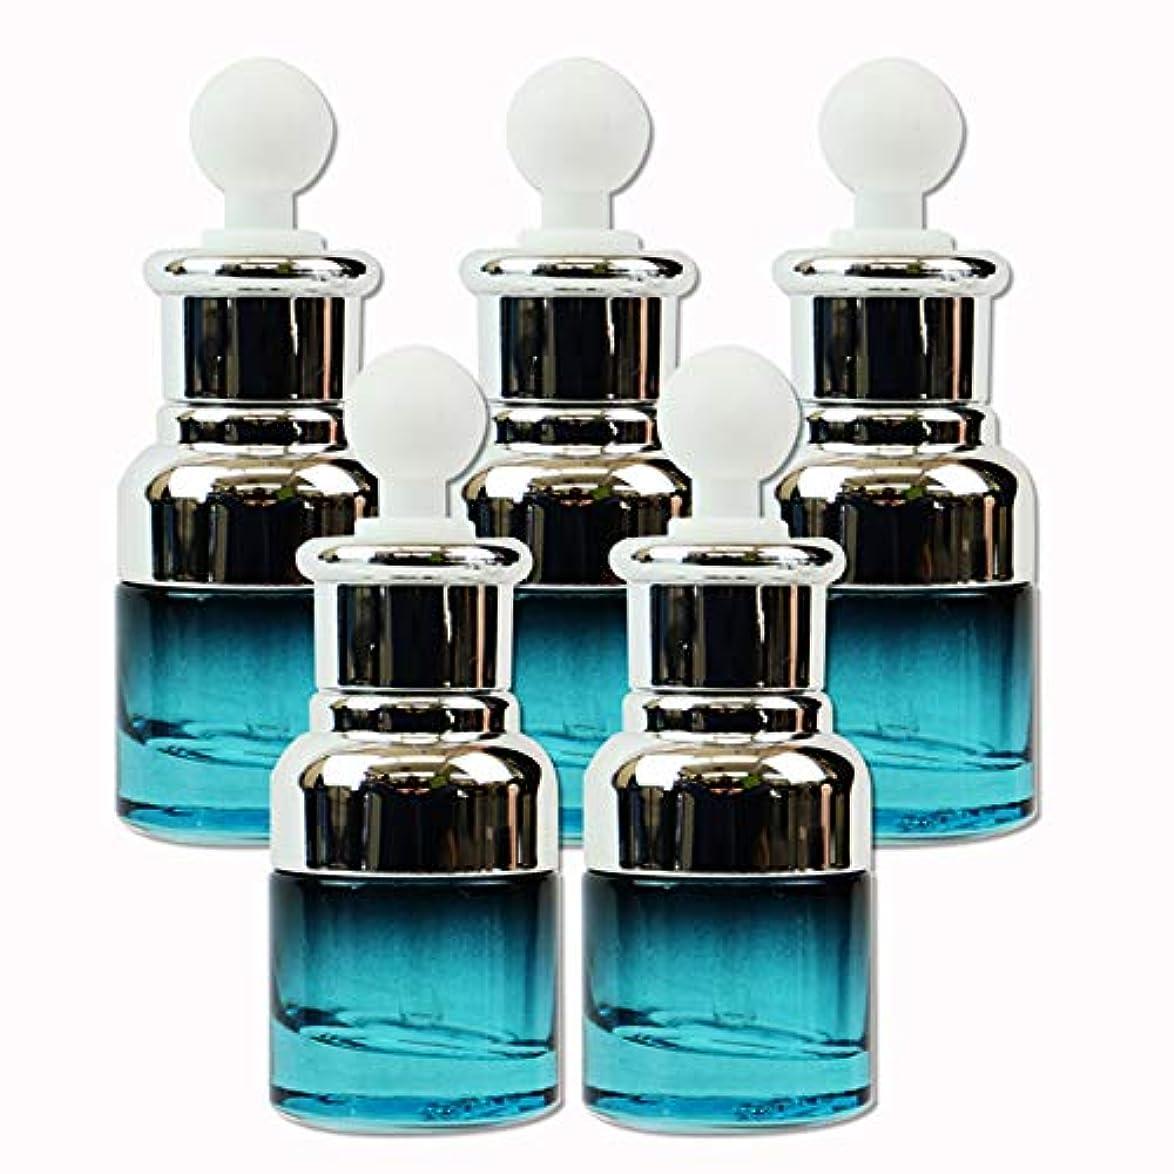 突破口郵便屋さんオペラedog ガラス製 遮光ボトル 5本セット スポイト式 20ml 香水 エッセンシャルオイル アロマ